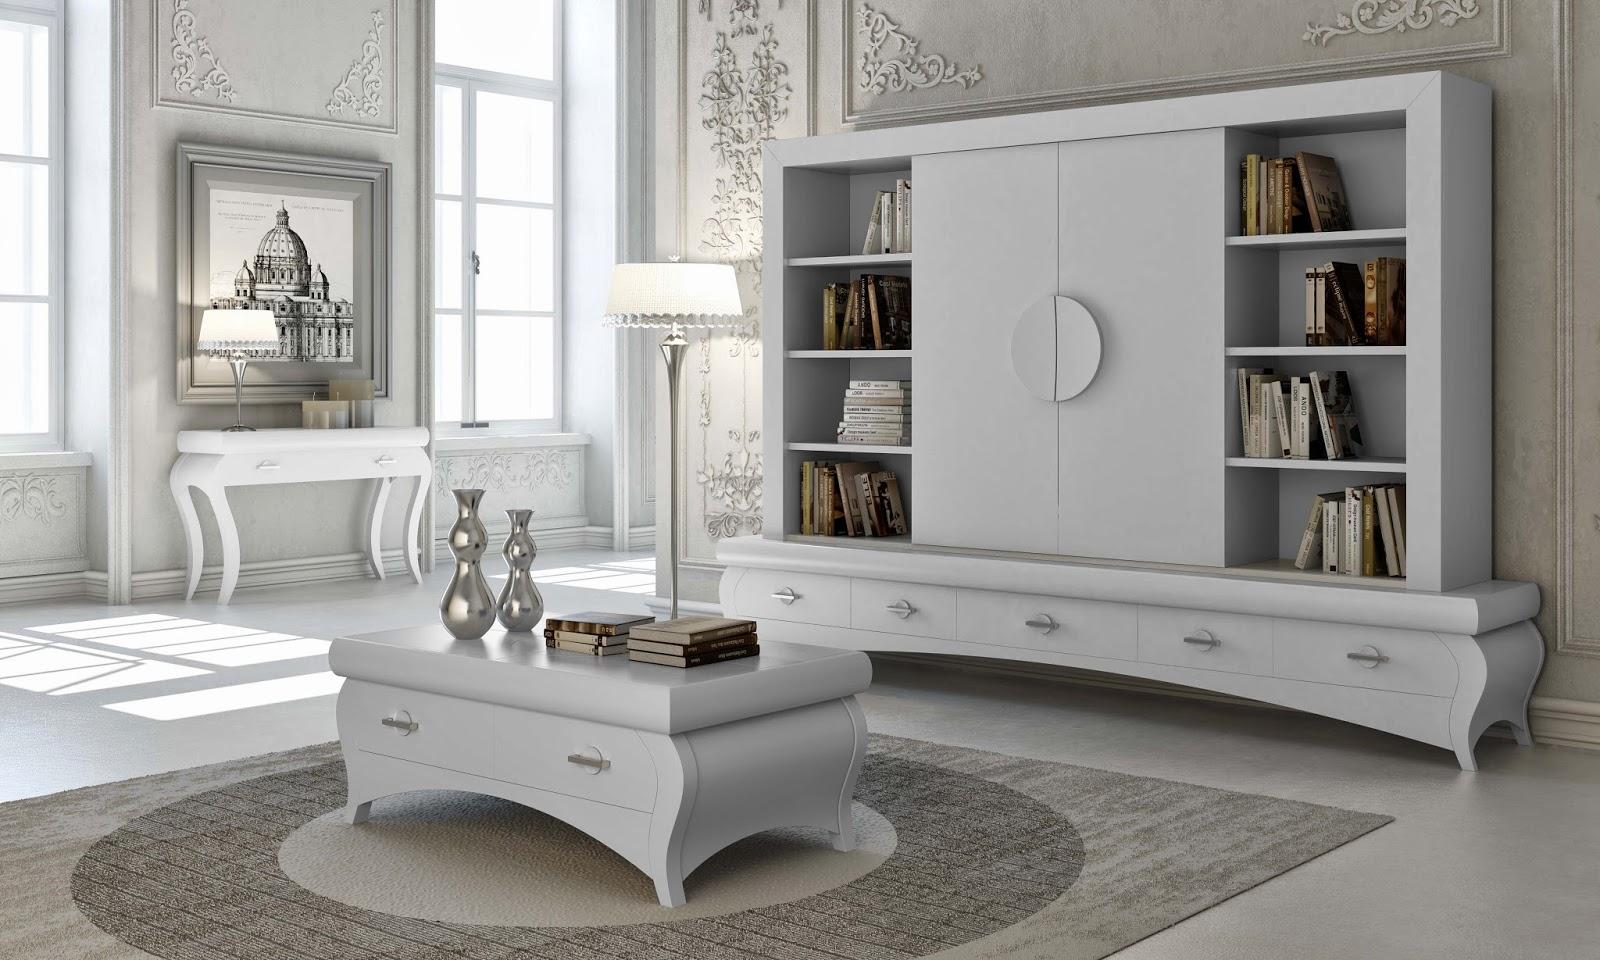 Muebles lancha - Muebles rusticos en blanco ...